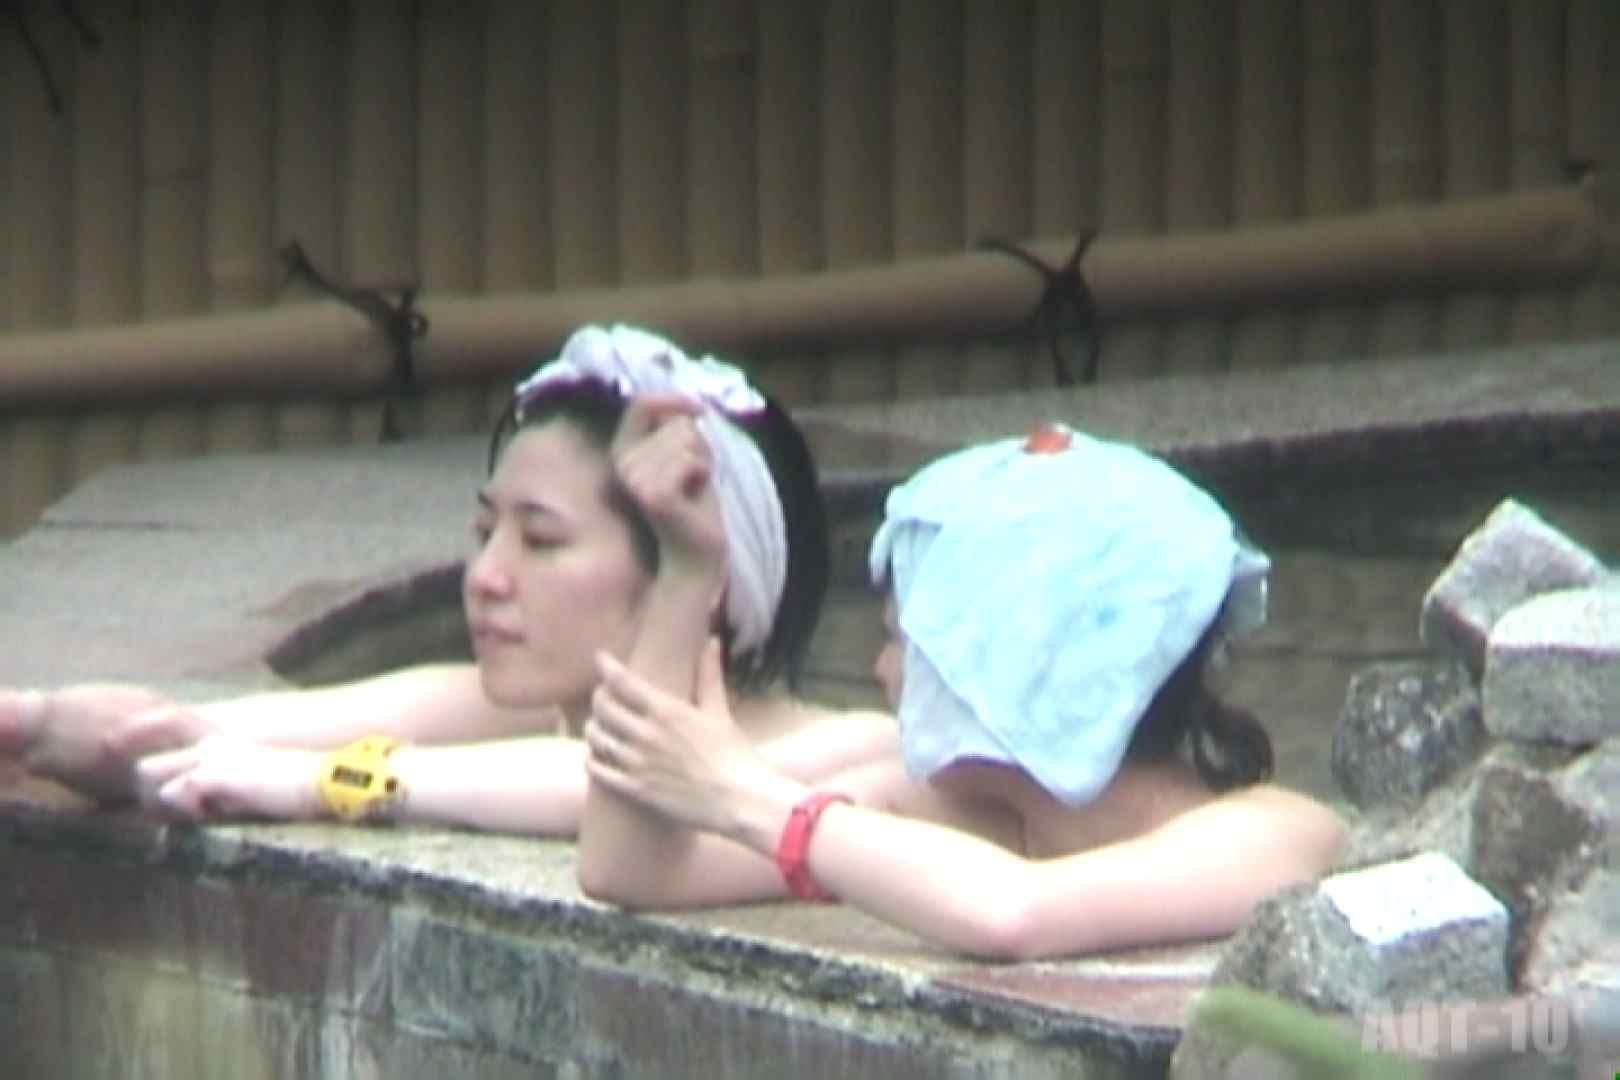 Aquaな露天風呂Vol.793 盗撮 オメコ無修正動画無料 94画像 41